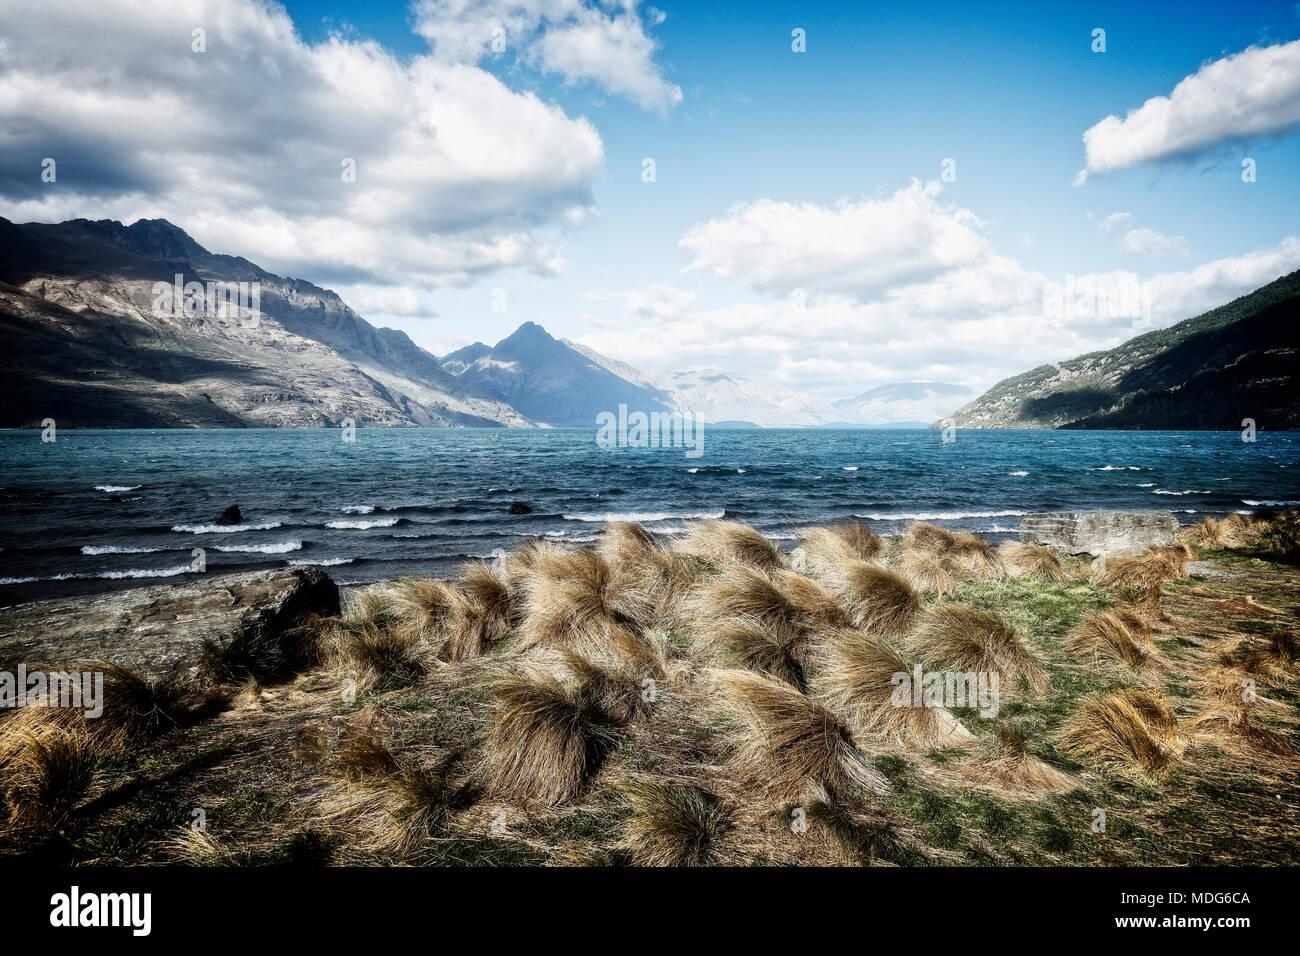 Viento barre el Lago Wakatipu cerca de Queenstown creando whitecaps, Isla del Sur, Nueva Zelanda. Imagen De Stock